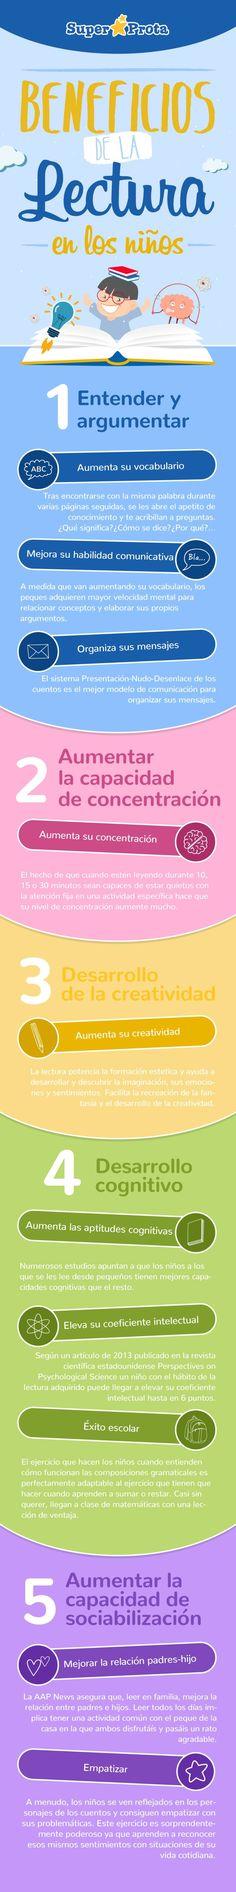 5 Beneficios de la Lectura en los Niños | #Infografía #Educación